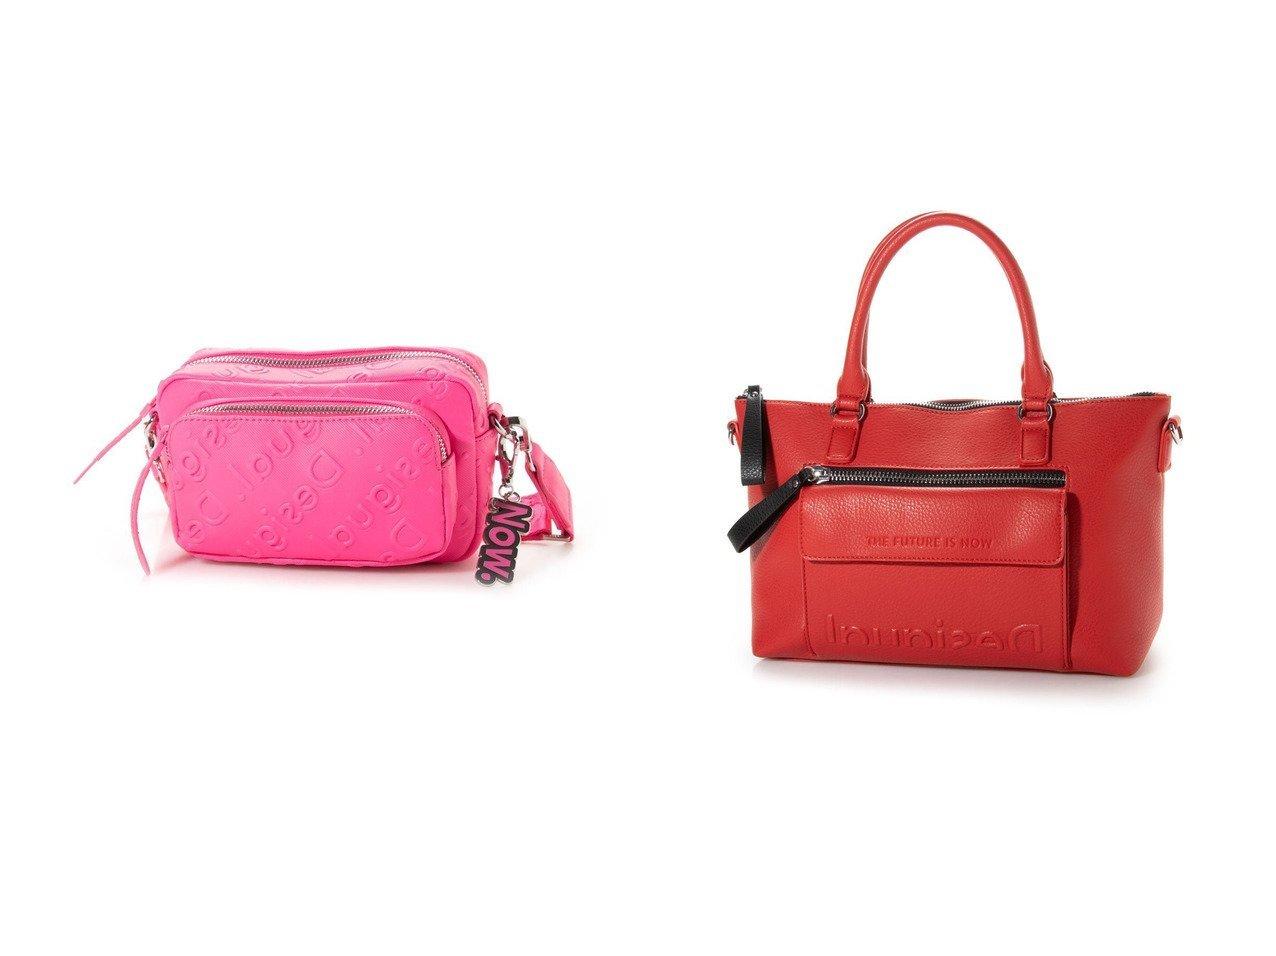 【Desigual/デシグアル】のハンドバッグ EMBOSSED HALF LOGO PADUA&クロスボディーバッグ COLORAMA PETRA バッグ・鞄のおすすめ!人気、トレンド・レディースファッションの通販 おすすめで人気の流行・トレンド、ファッションの通販商品 メンズファッション・キッズファッション・インテリア・家具・レディースファッション・服の通販 founy(ファニー) https://founy.com/ ファッション Fashion レディースファッション WOMEN 2021年 2021 2021 春夏 S/S SS Spring/Summer 2021 S/S 春夏 SS Spring/Summer エレガント ポケット マキシ 春 Spring カラフル ストレート ハンドバッグ フラップ ラップ 財布  ID:crp329100000016338